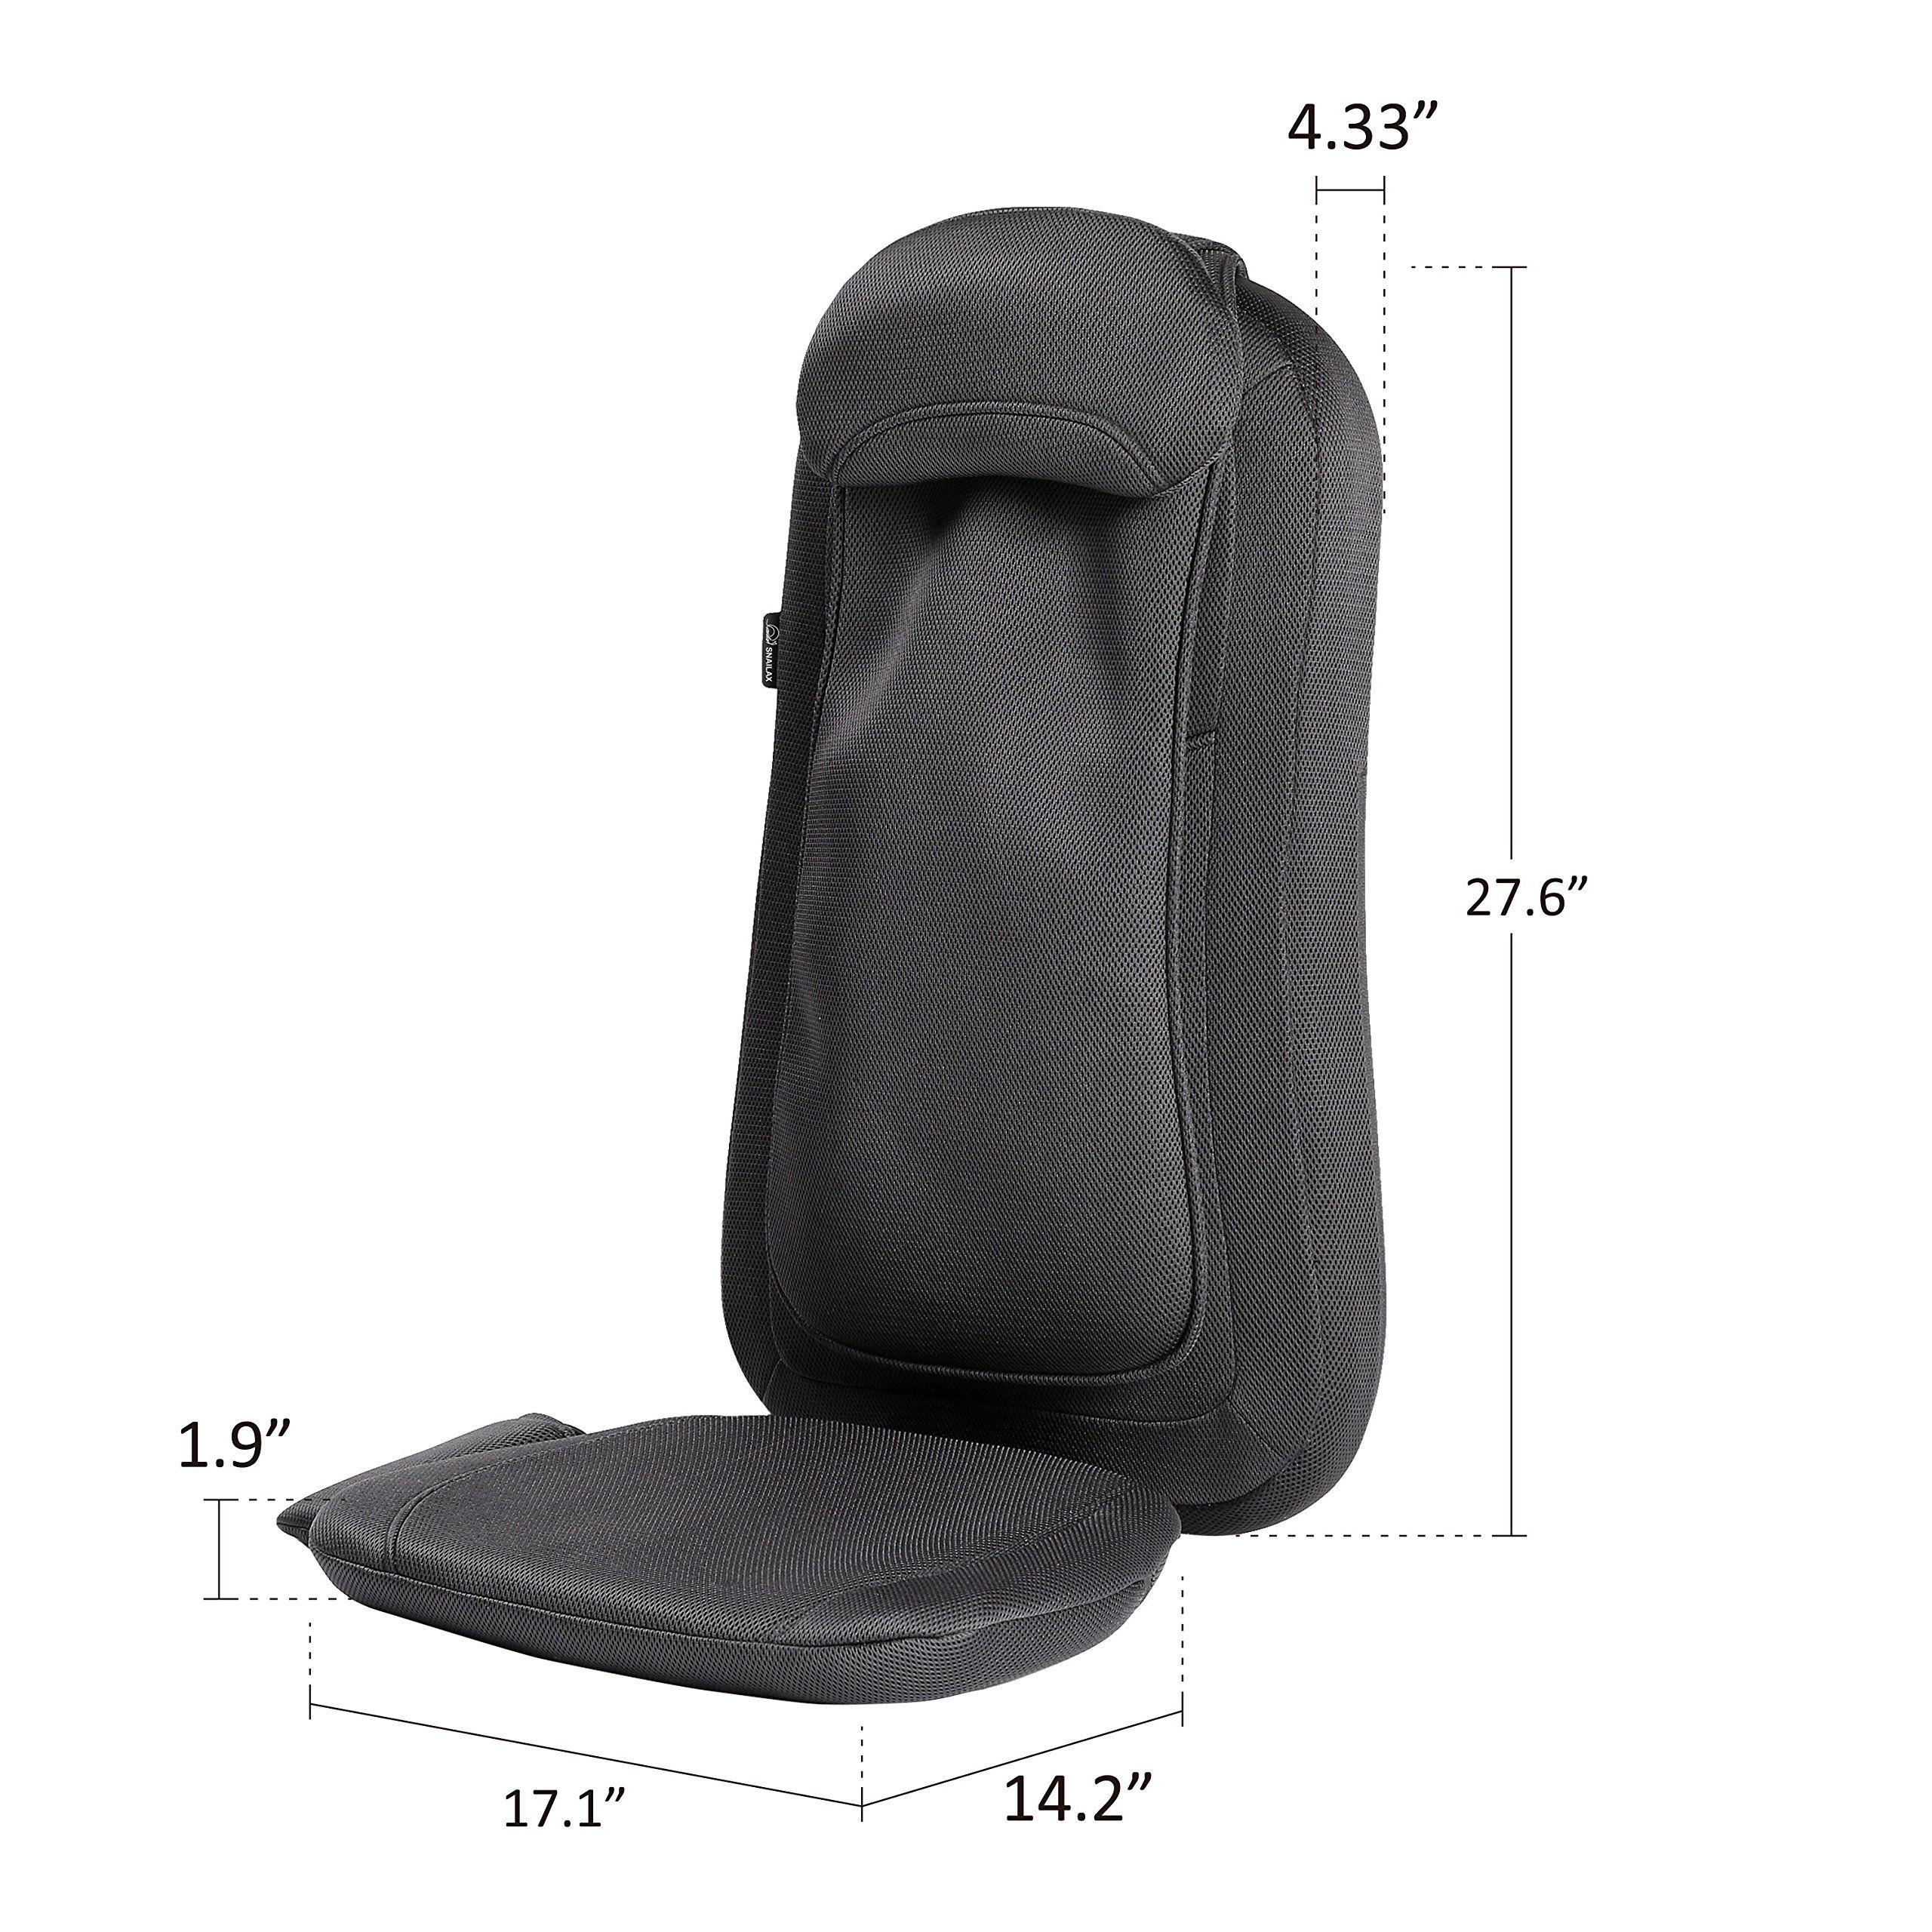 Snailax Shiatsu Massage Seat Cushion With Heat And 4 Rolling Nodes